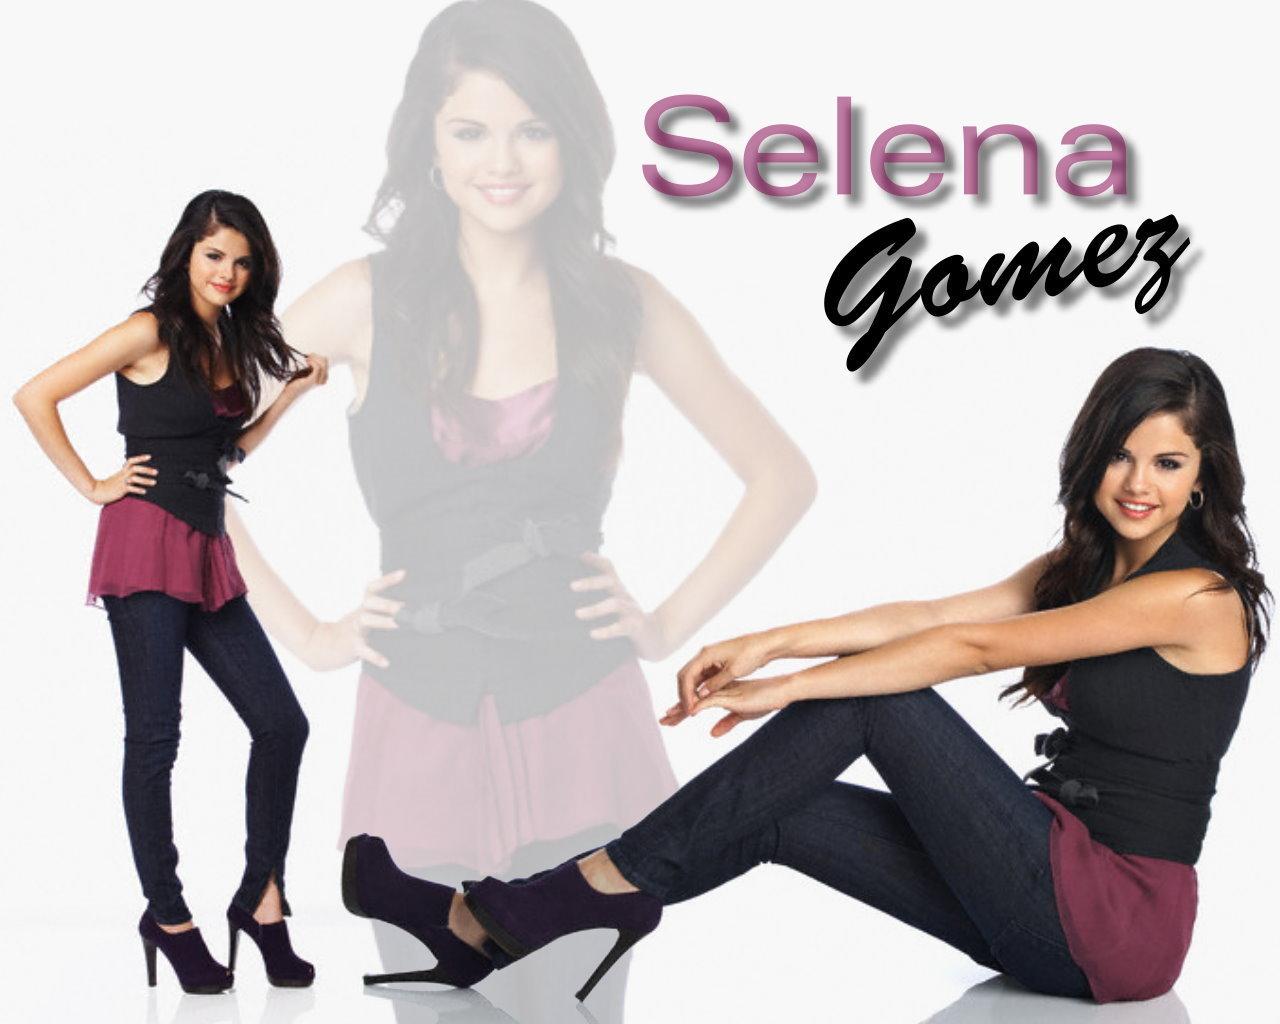 Selena Gomez wallpaper selena gomez 1280x1024